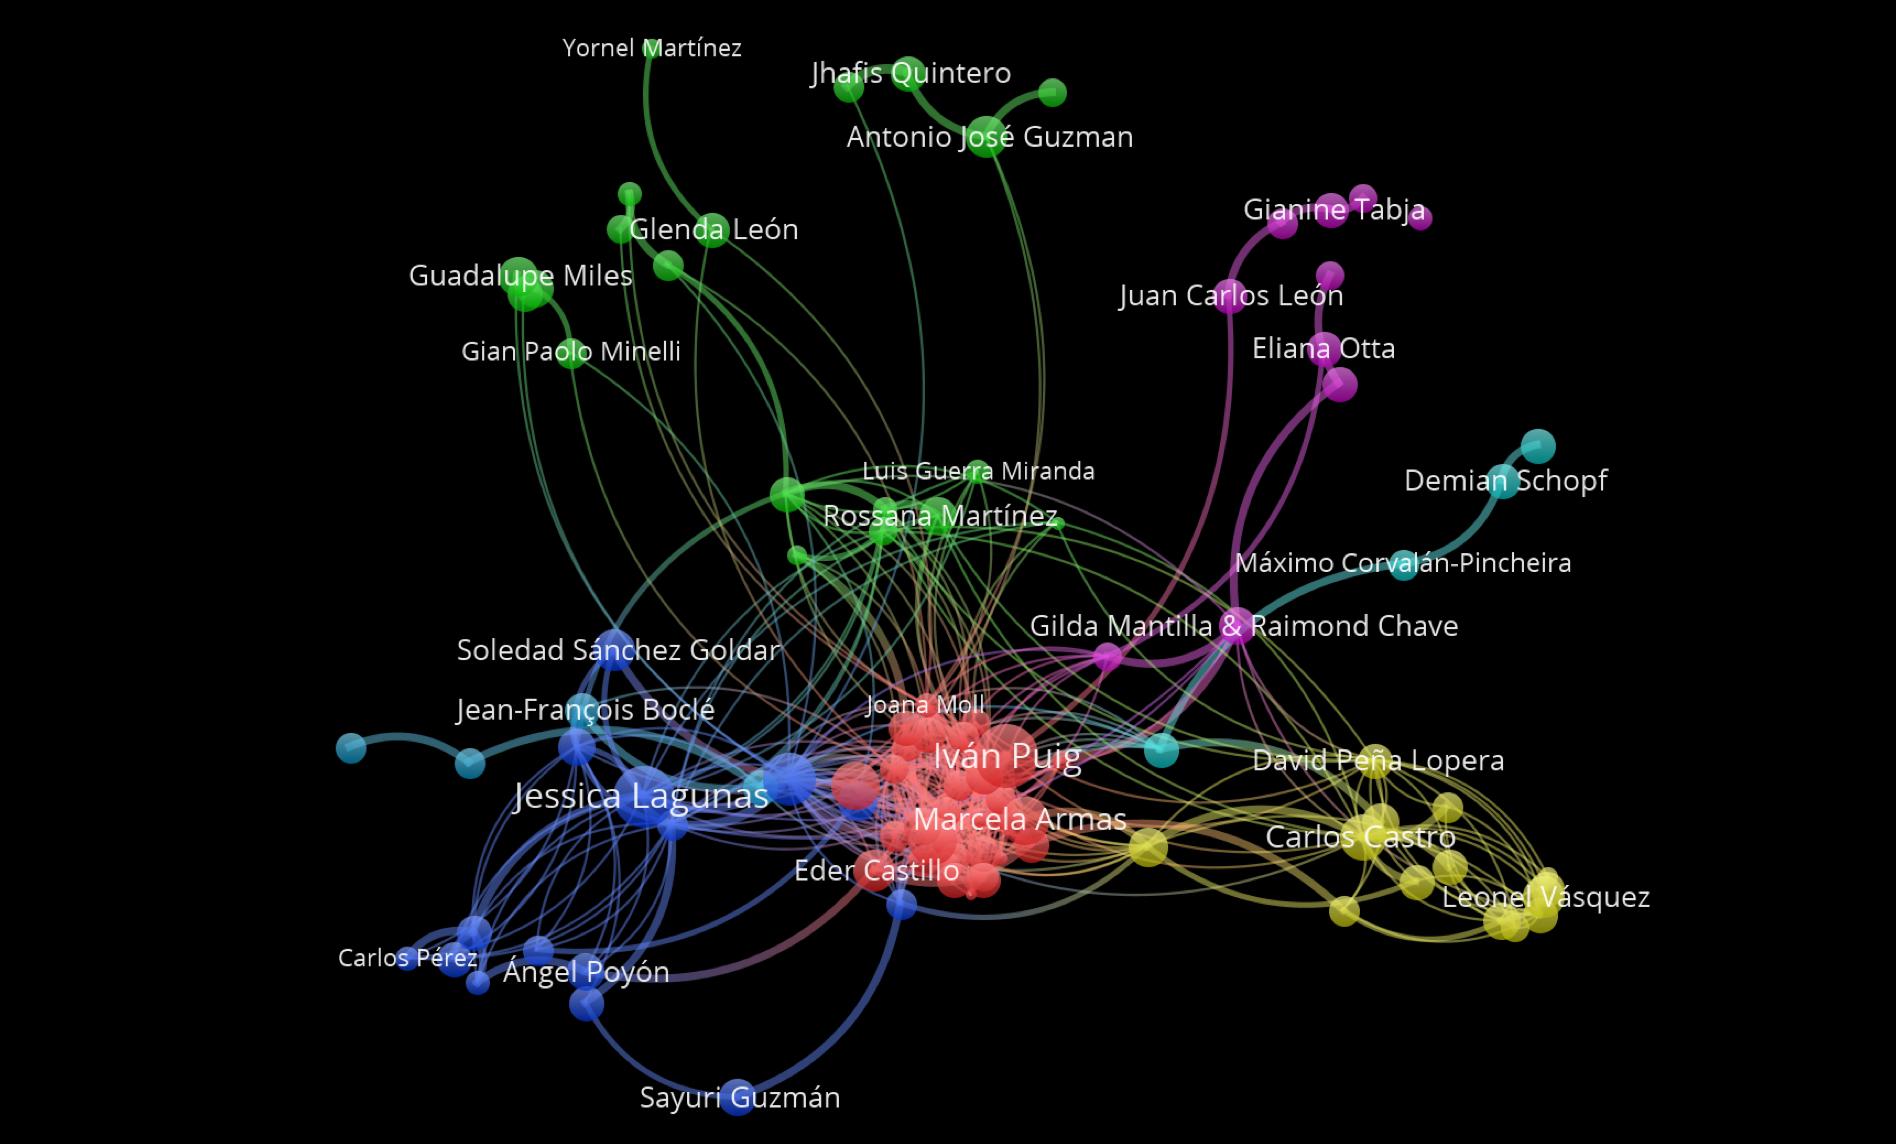 Mapa de arte según los ríos creativos de Arttextum, organizado por temáticas y colores